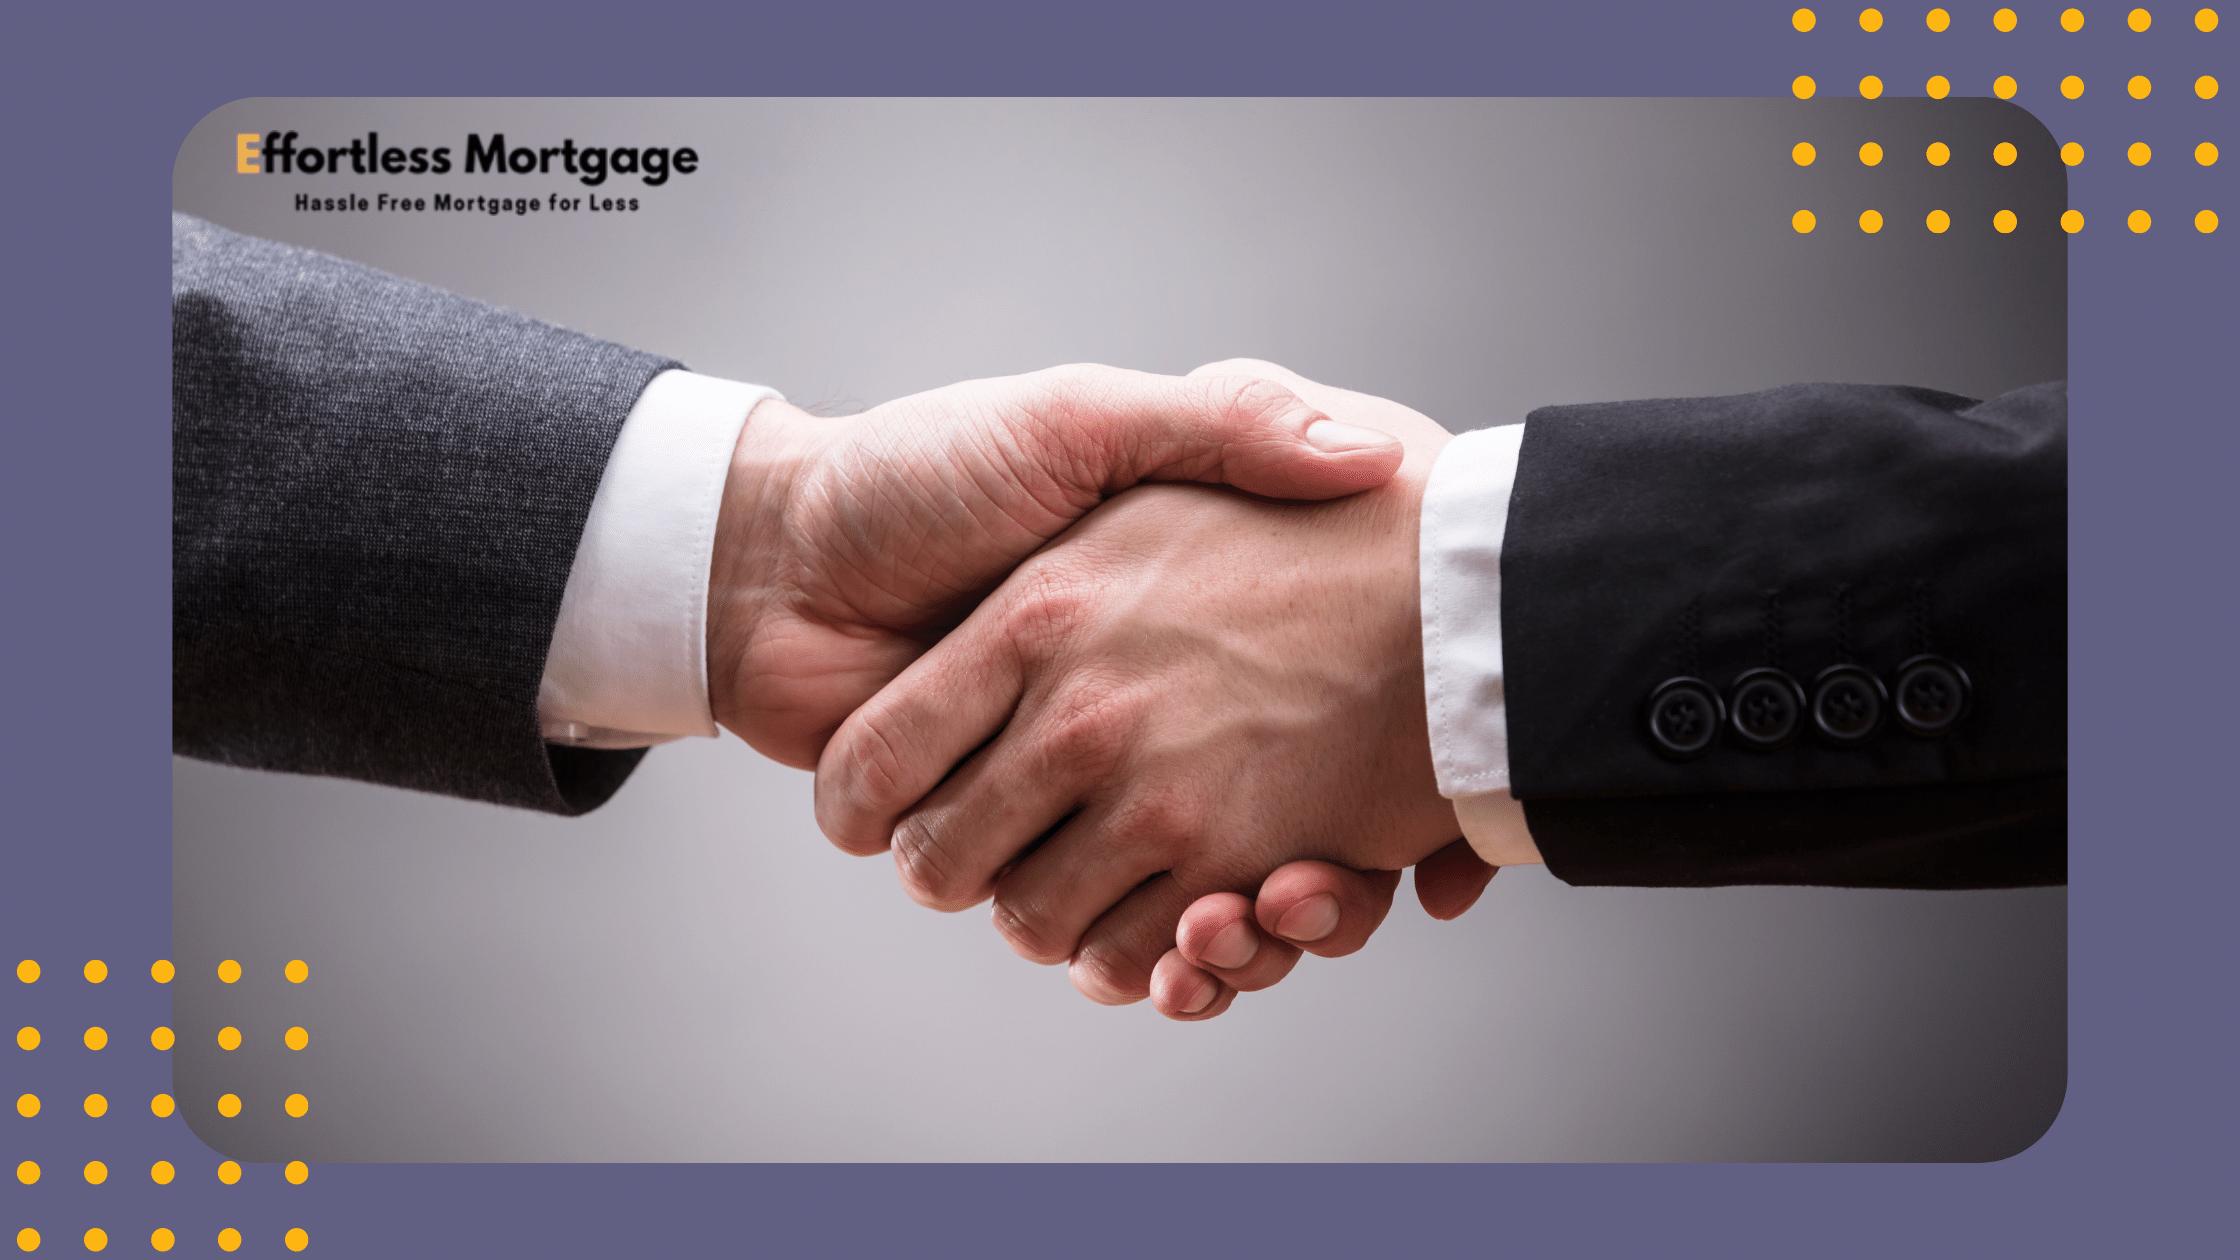 Effortless Mortgage